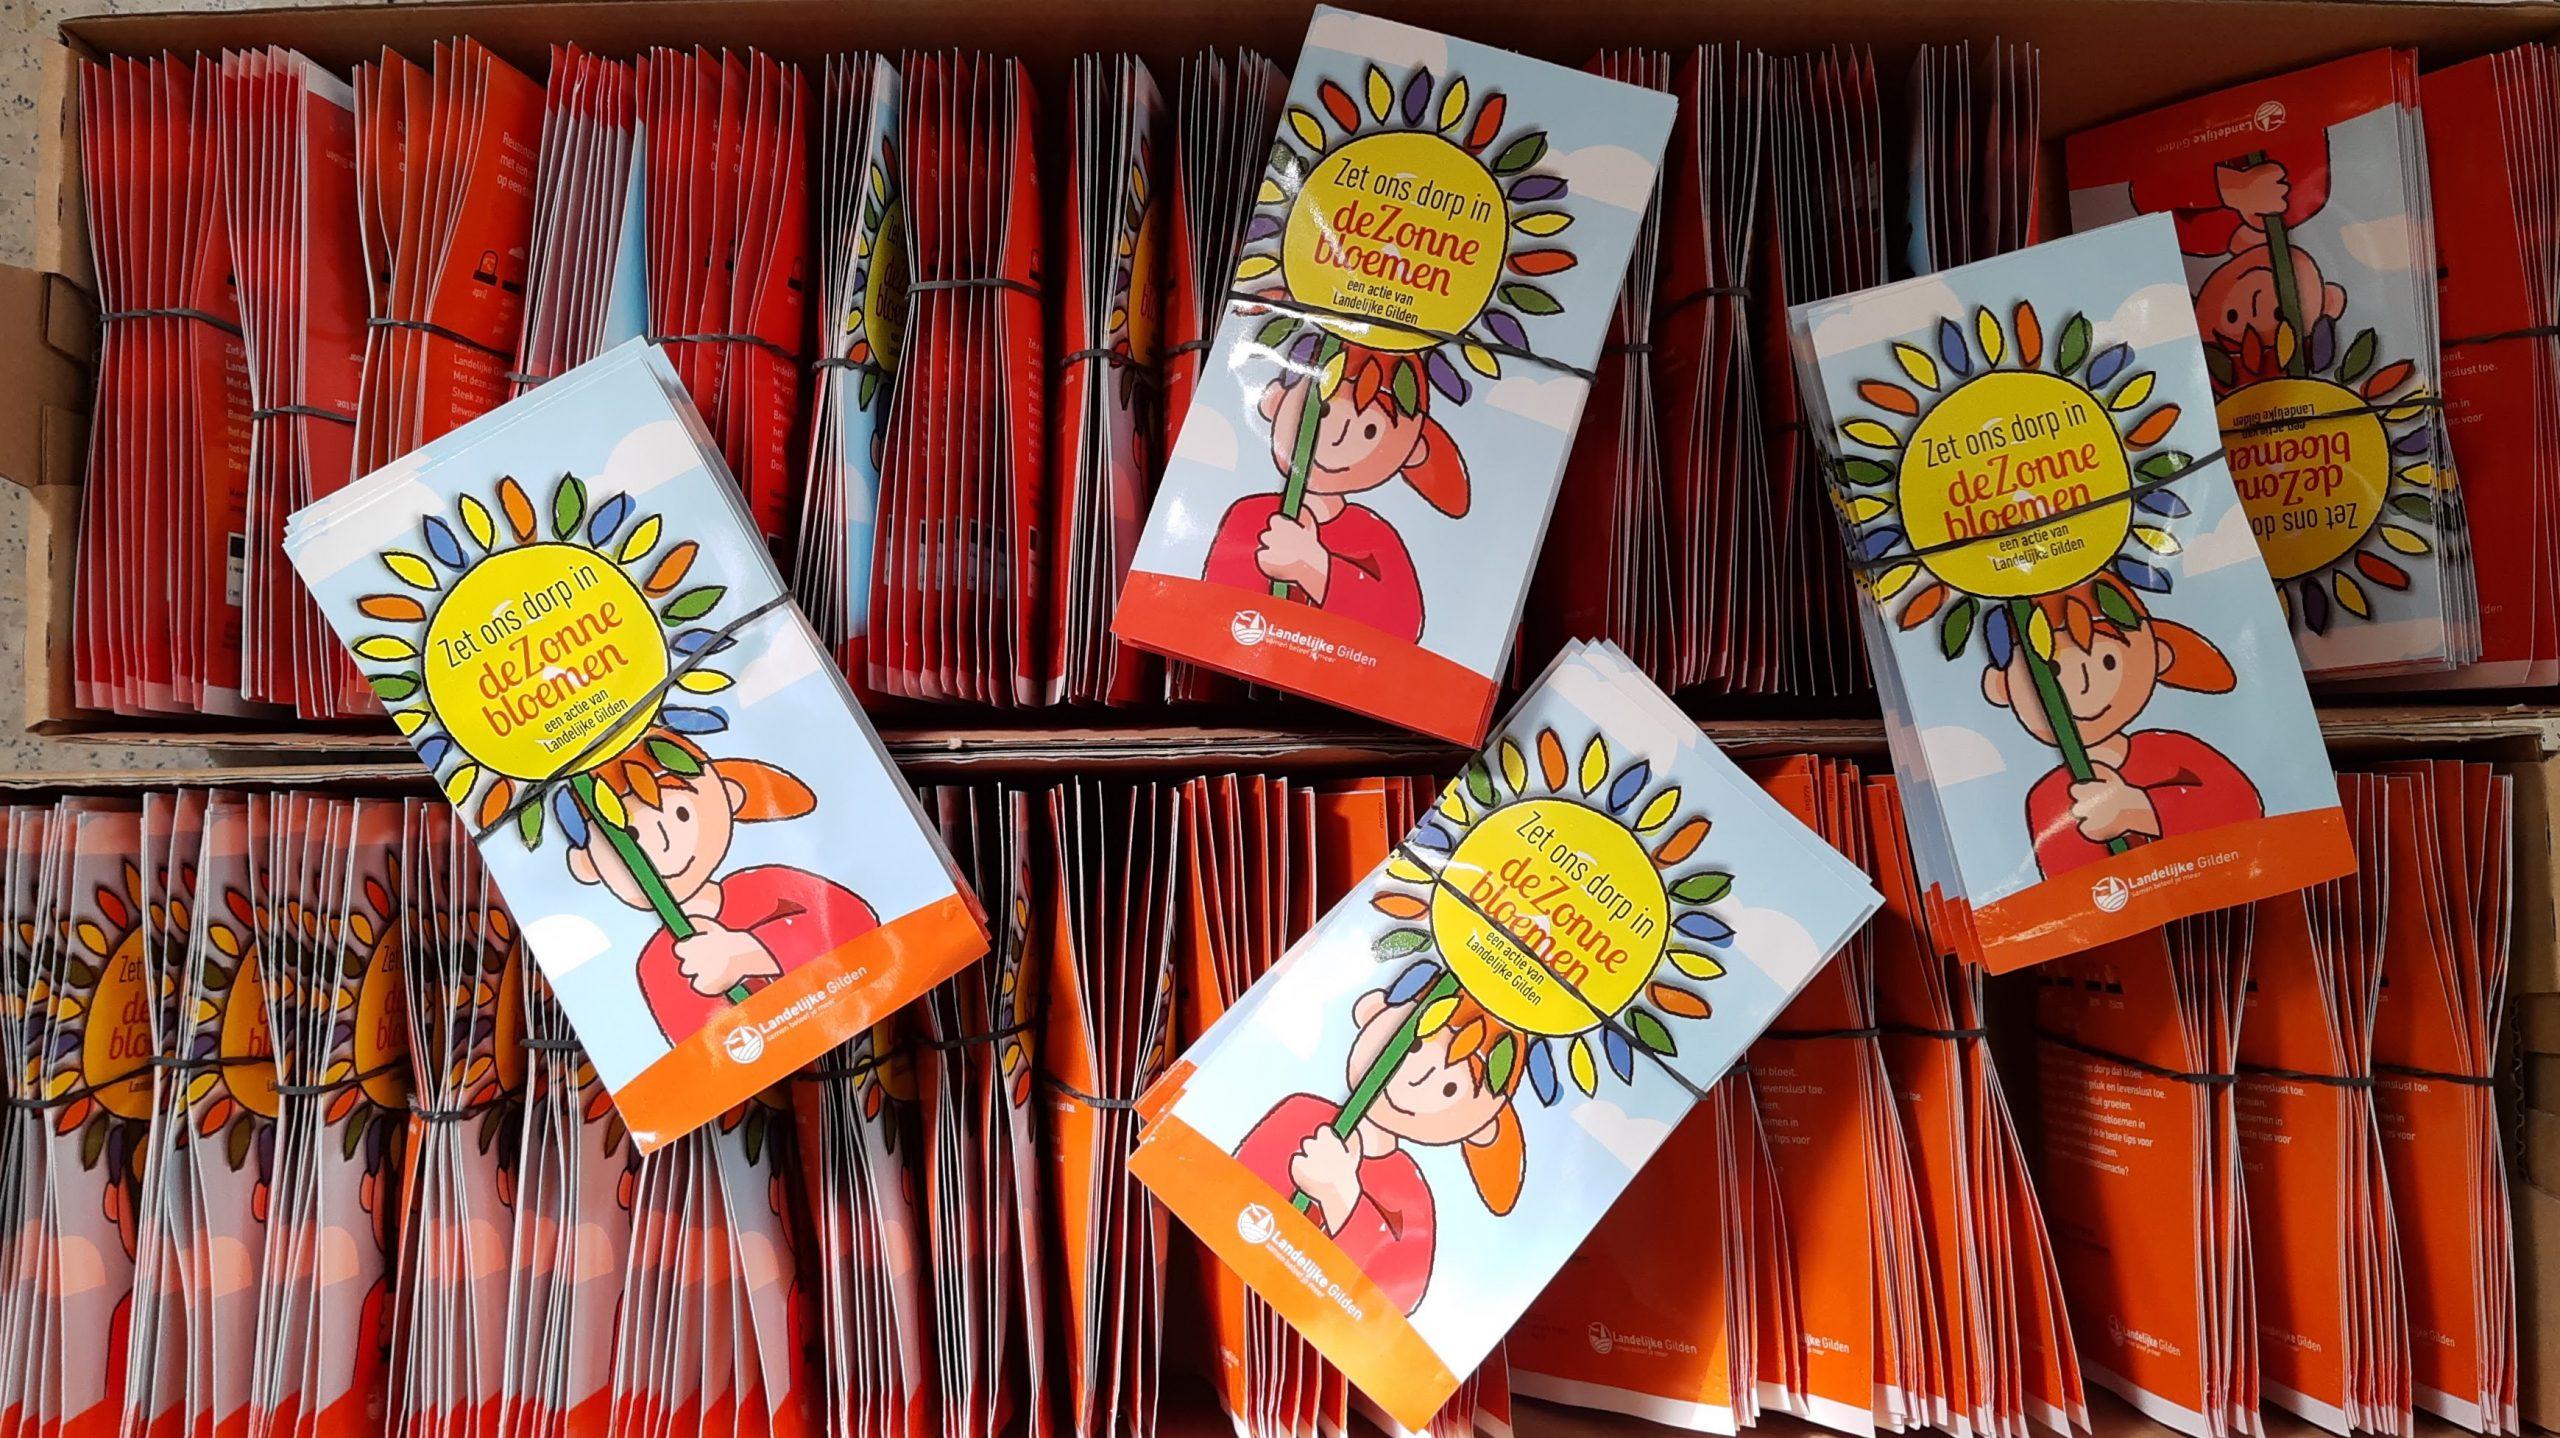 Dankjewel, Landelijke Gilde Herdersem, voor de zonnebloemzaadjes.Onze school helpt mee om van Herdersem een zonnebloemendorp te maken. Meer info vind je hier.